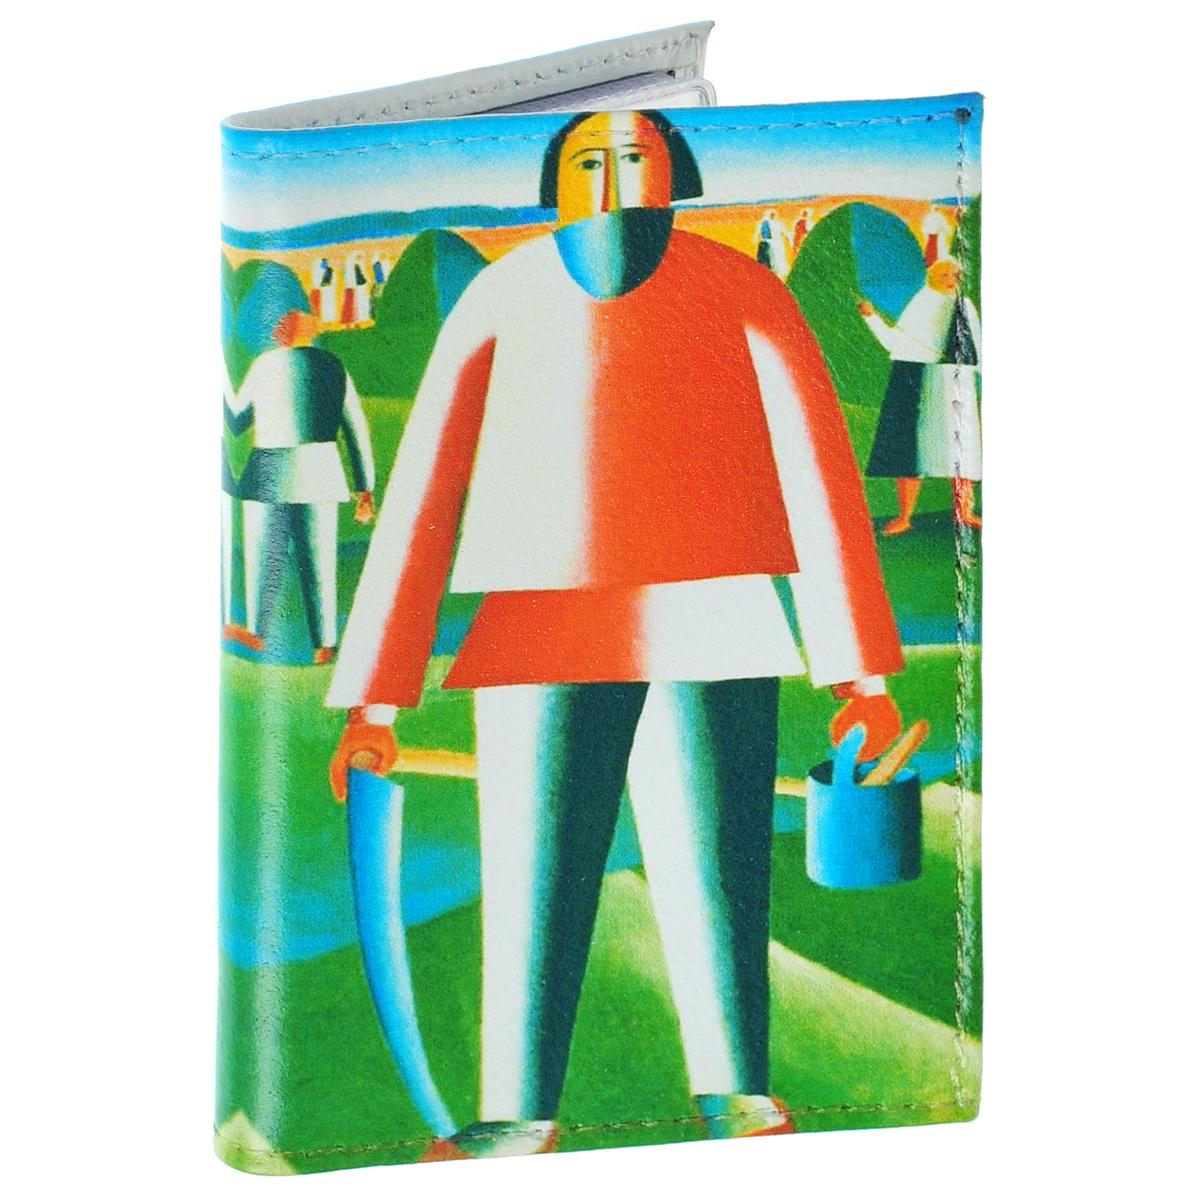 Визитница На сенокосе К. Малевич. VIZIT-224VIZIT-224Оригинальная визитница Mitya Veselkov На сенокосе - стильная вещь для хранения визиток. Она выполнена из натуральной кожи и оформлена фрагментом картины Малевича На сенокосе. Внутри содержится съемный блок из прозрачного мягкого пластика на 18 визиток и 2 прозрачных вертикальных кармана. Яркая и оригинальная визитница подчеркнет вашу индивидуальность и изысканный вкус, а также станет замечательным подарком человеку, ценящему качественные и практичные вещи.